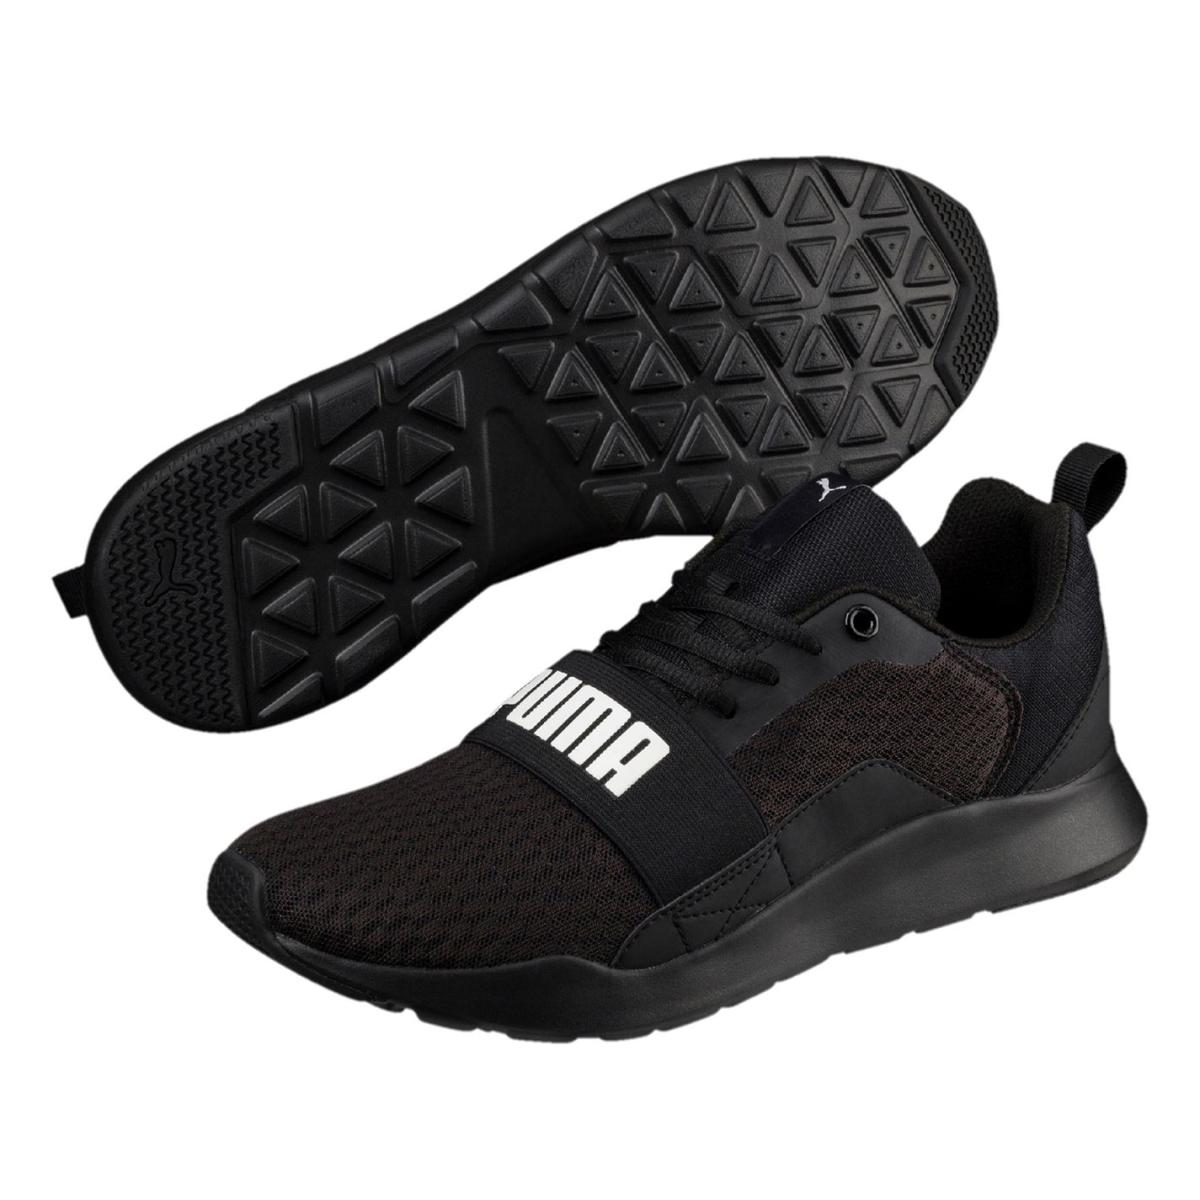 Puma-Wired-senores-zapatillas-de-deporte-zapatillas-para-correr-cortos-calzado-deportivo-fitness miniatura 5